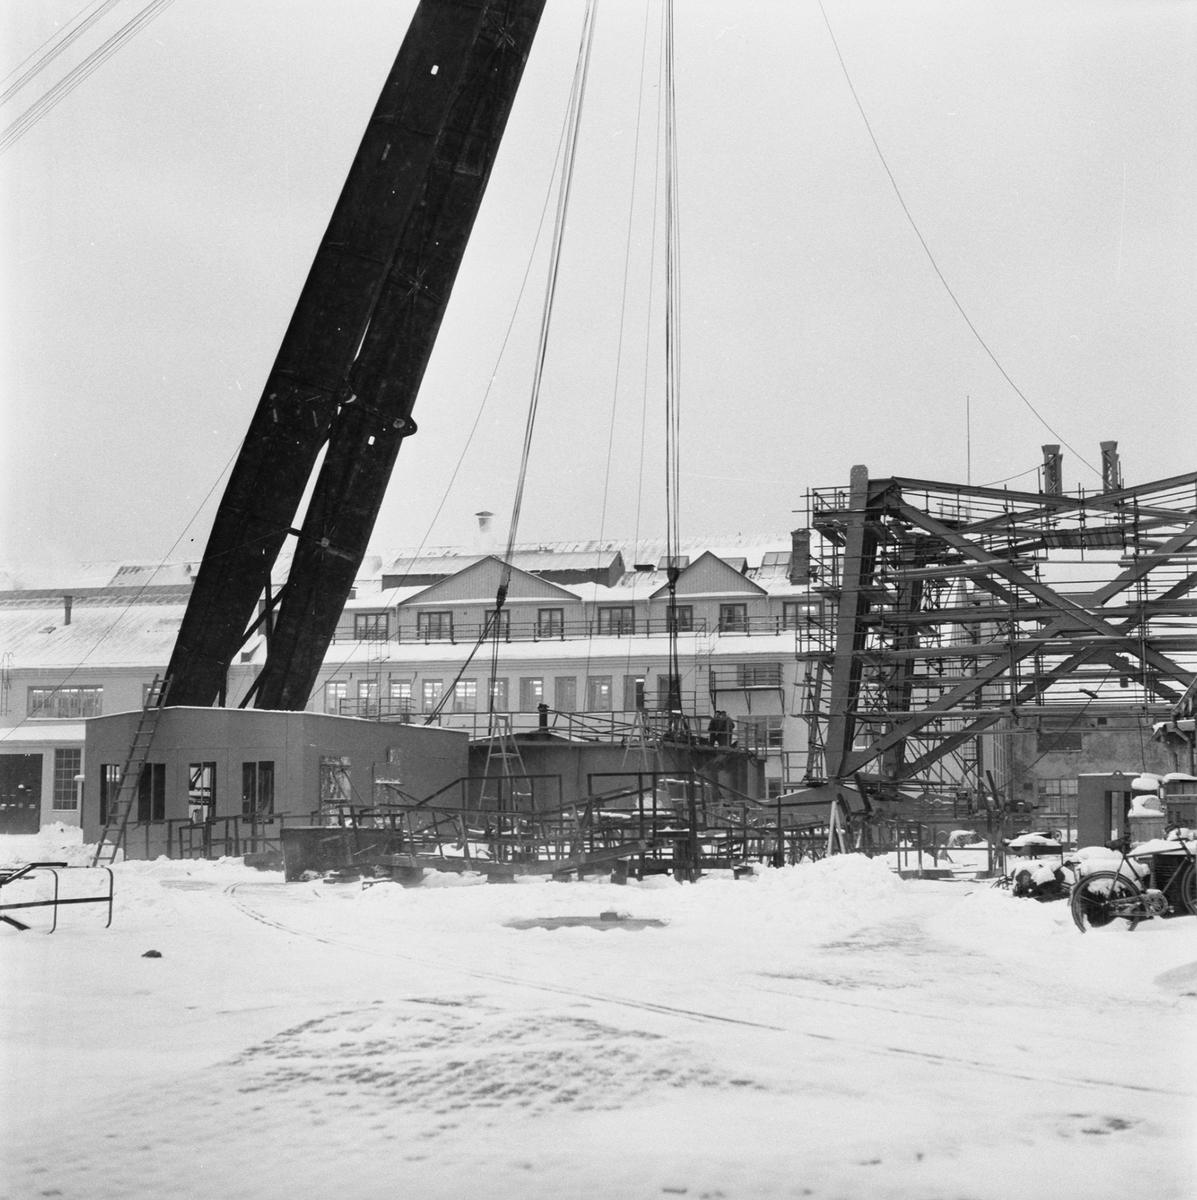 Övrigt: Fotodatum:8/12 1959 Byggnader och Kranar. 100-tonskranen översikt montering